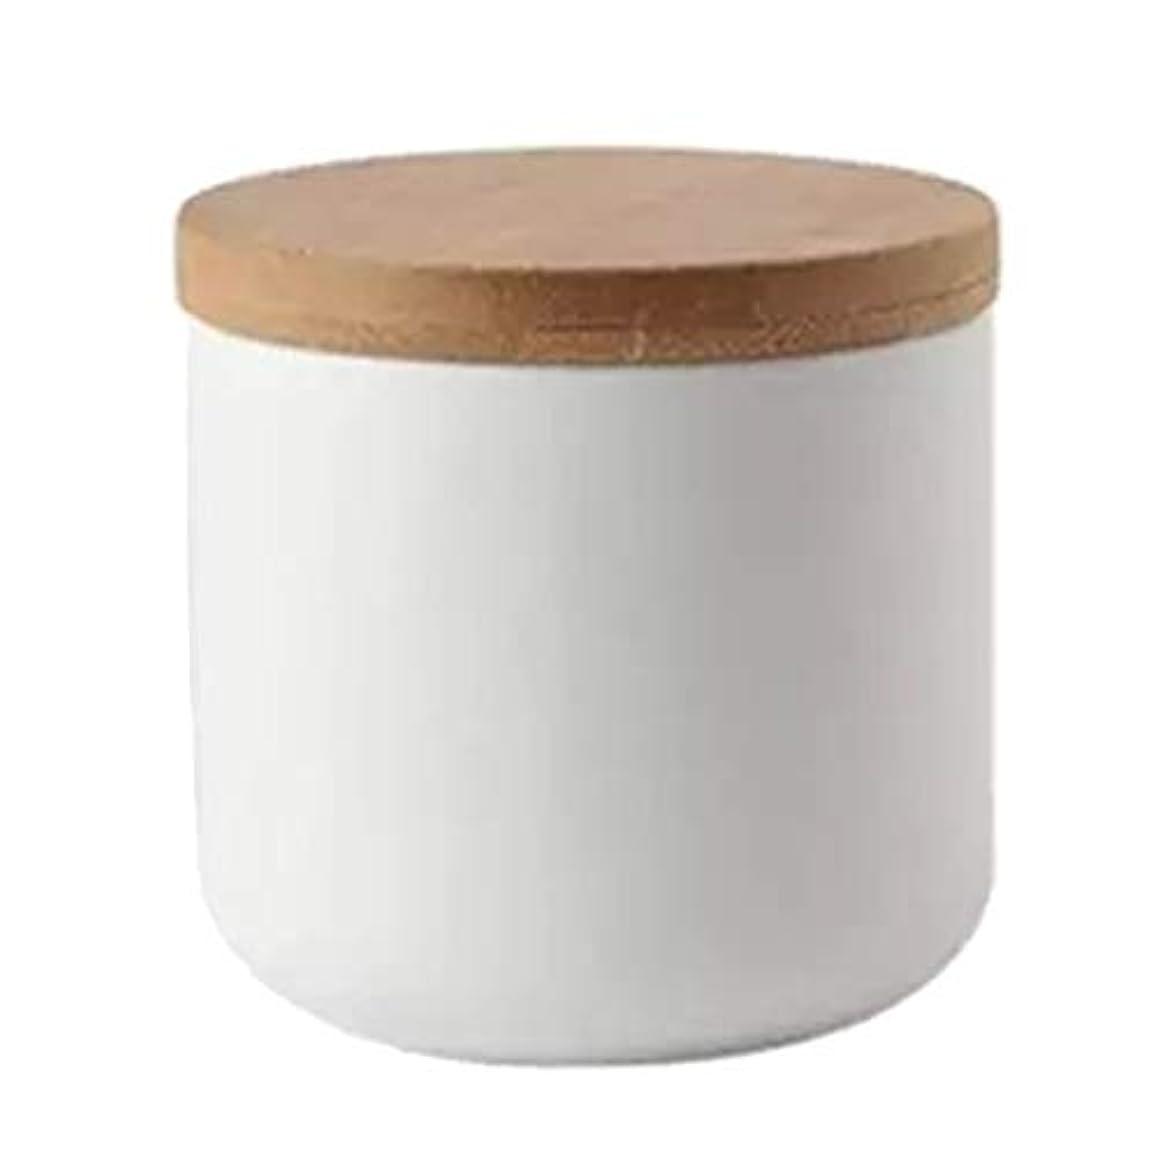 ヶ月目ラダ病的Perfeclan 化粧品ポット 収納 ボウル ネイルアートリムーバー アルコール ネイルリキッド パウダー コンテナ 全2色 - 白い